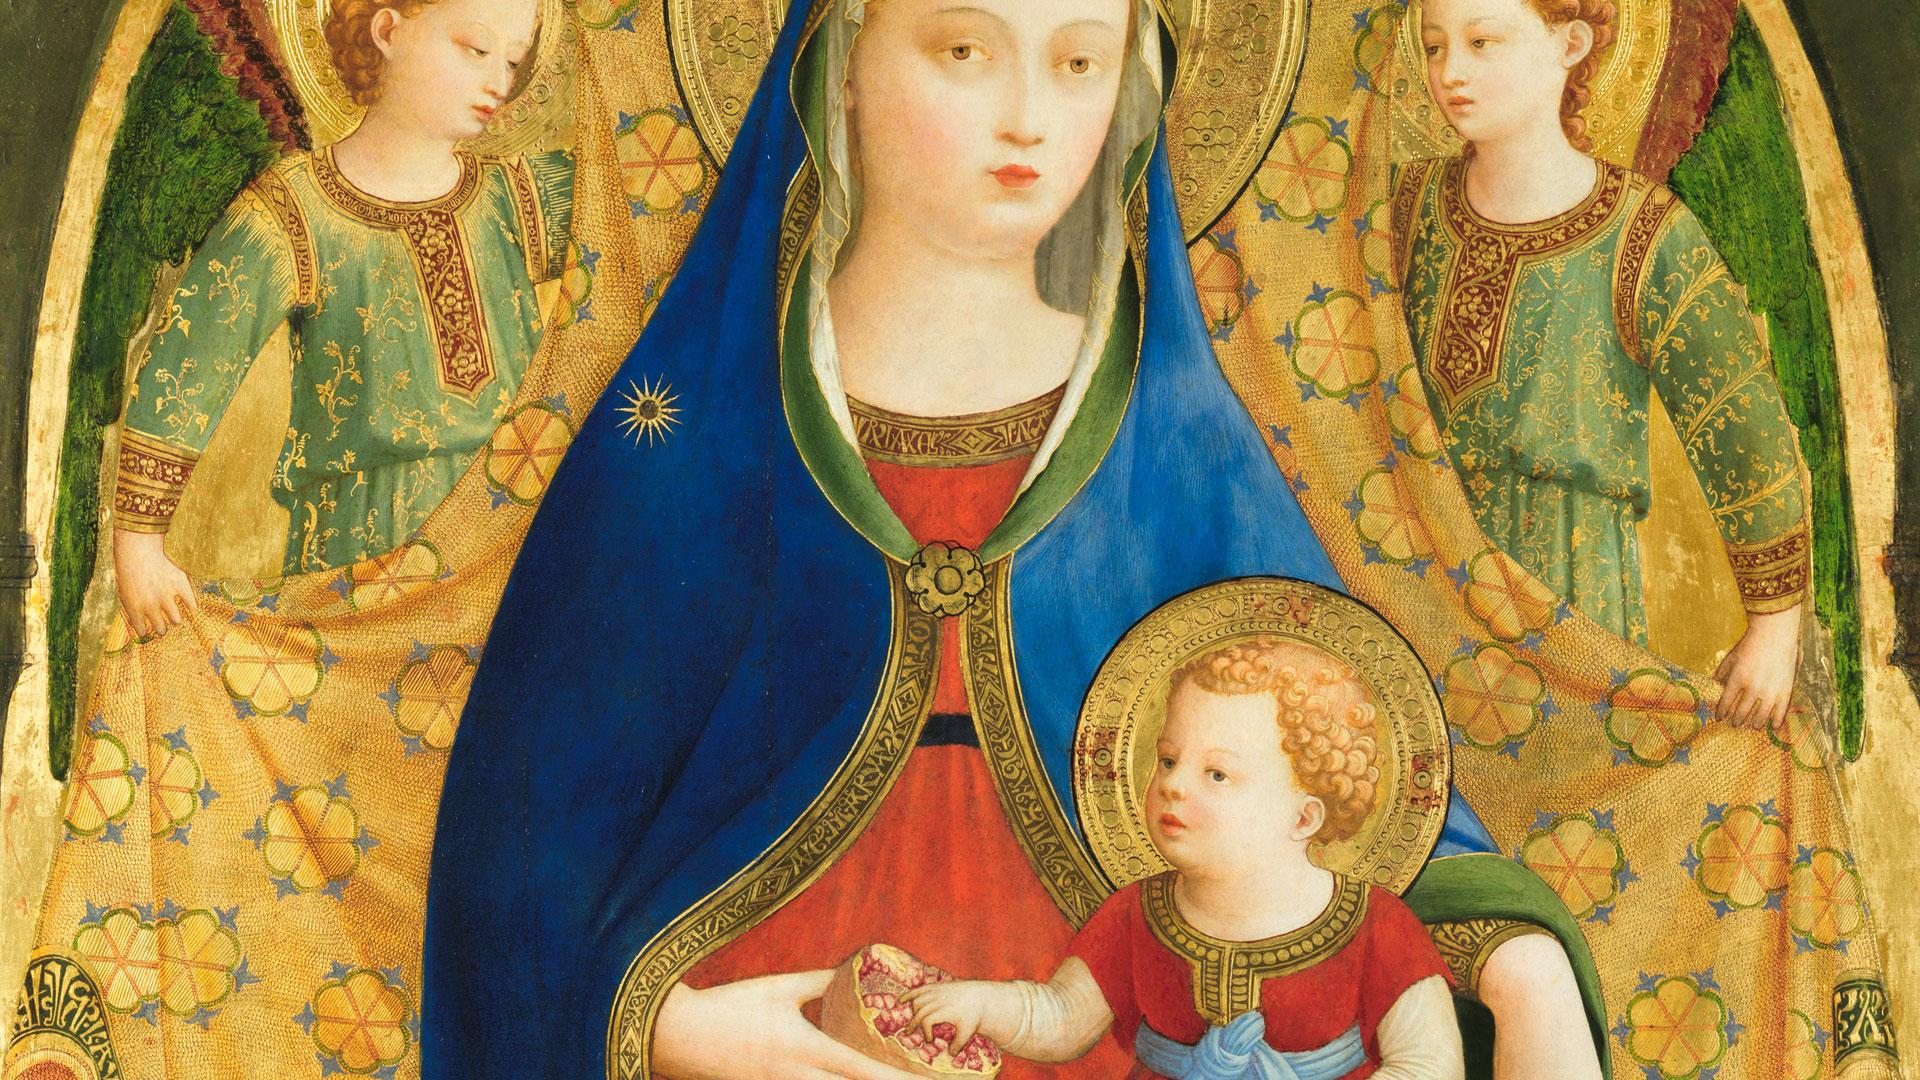 Imágenes de la exposición de Fra Angelico en el Museo del Prado